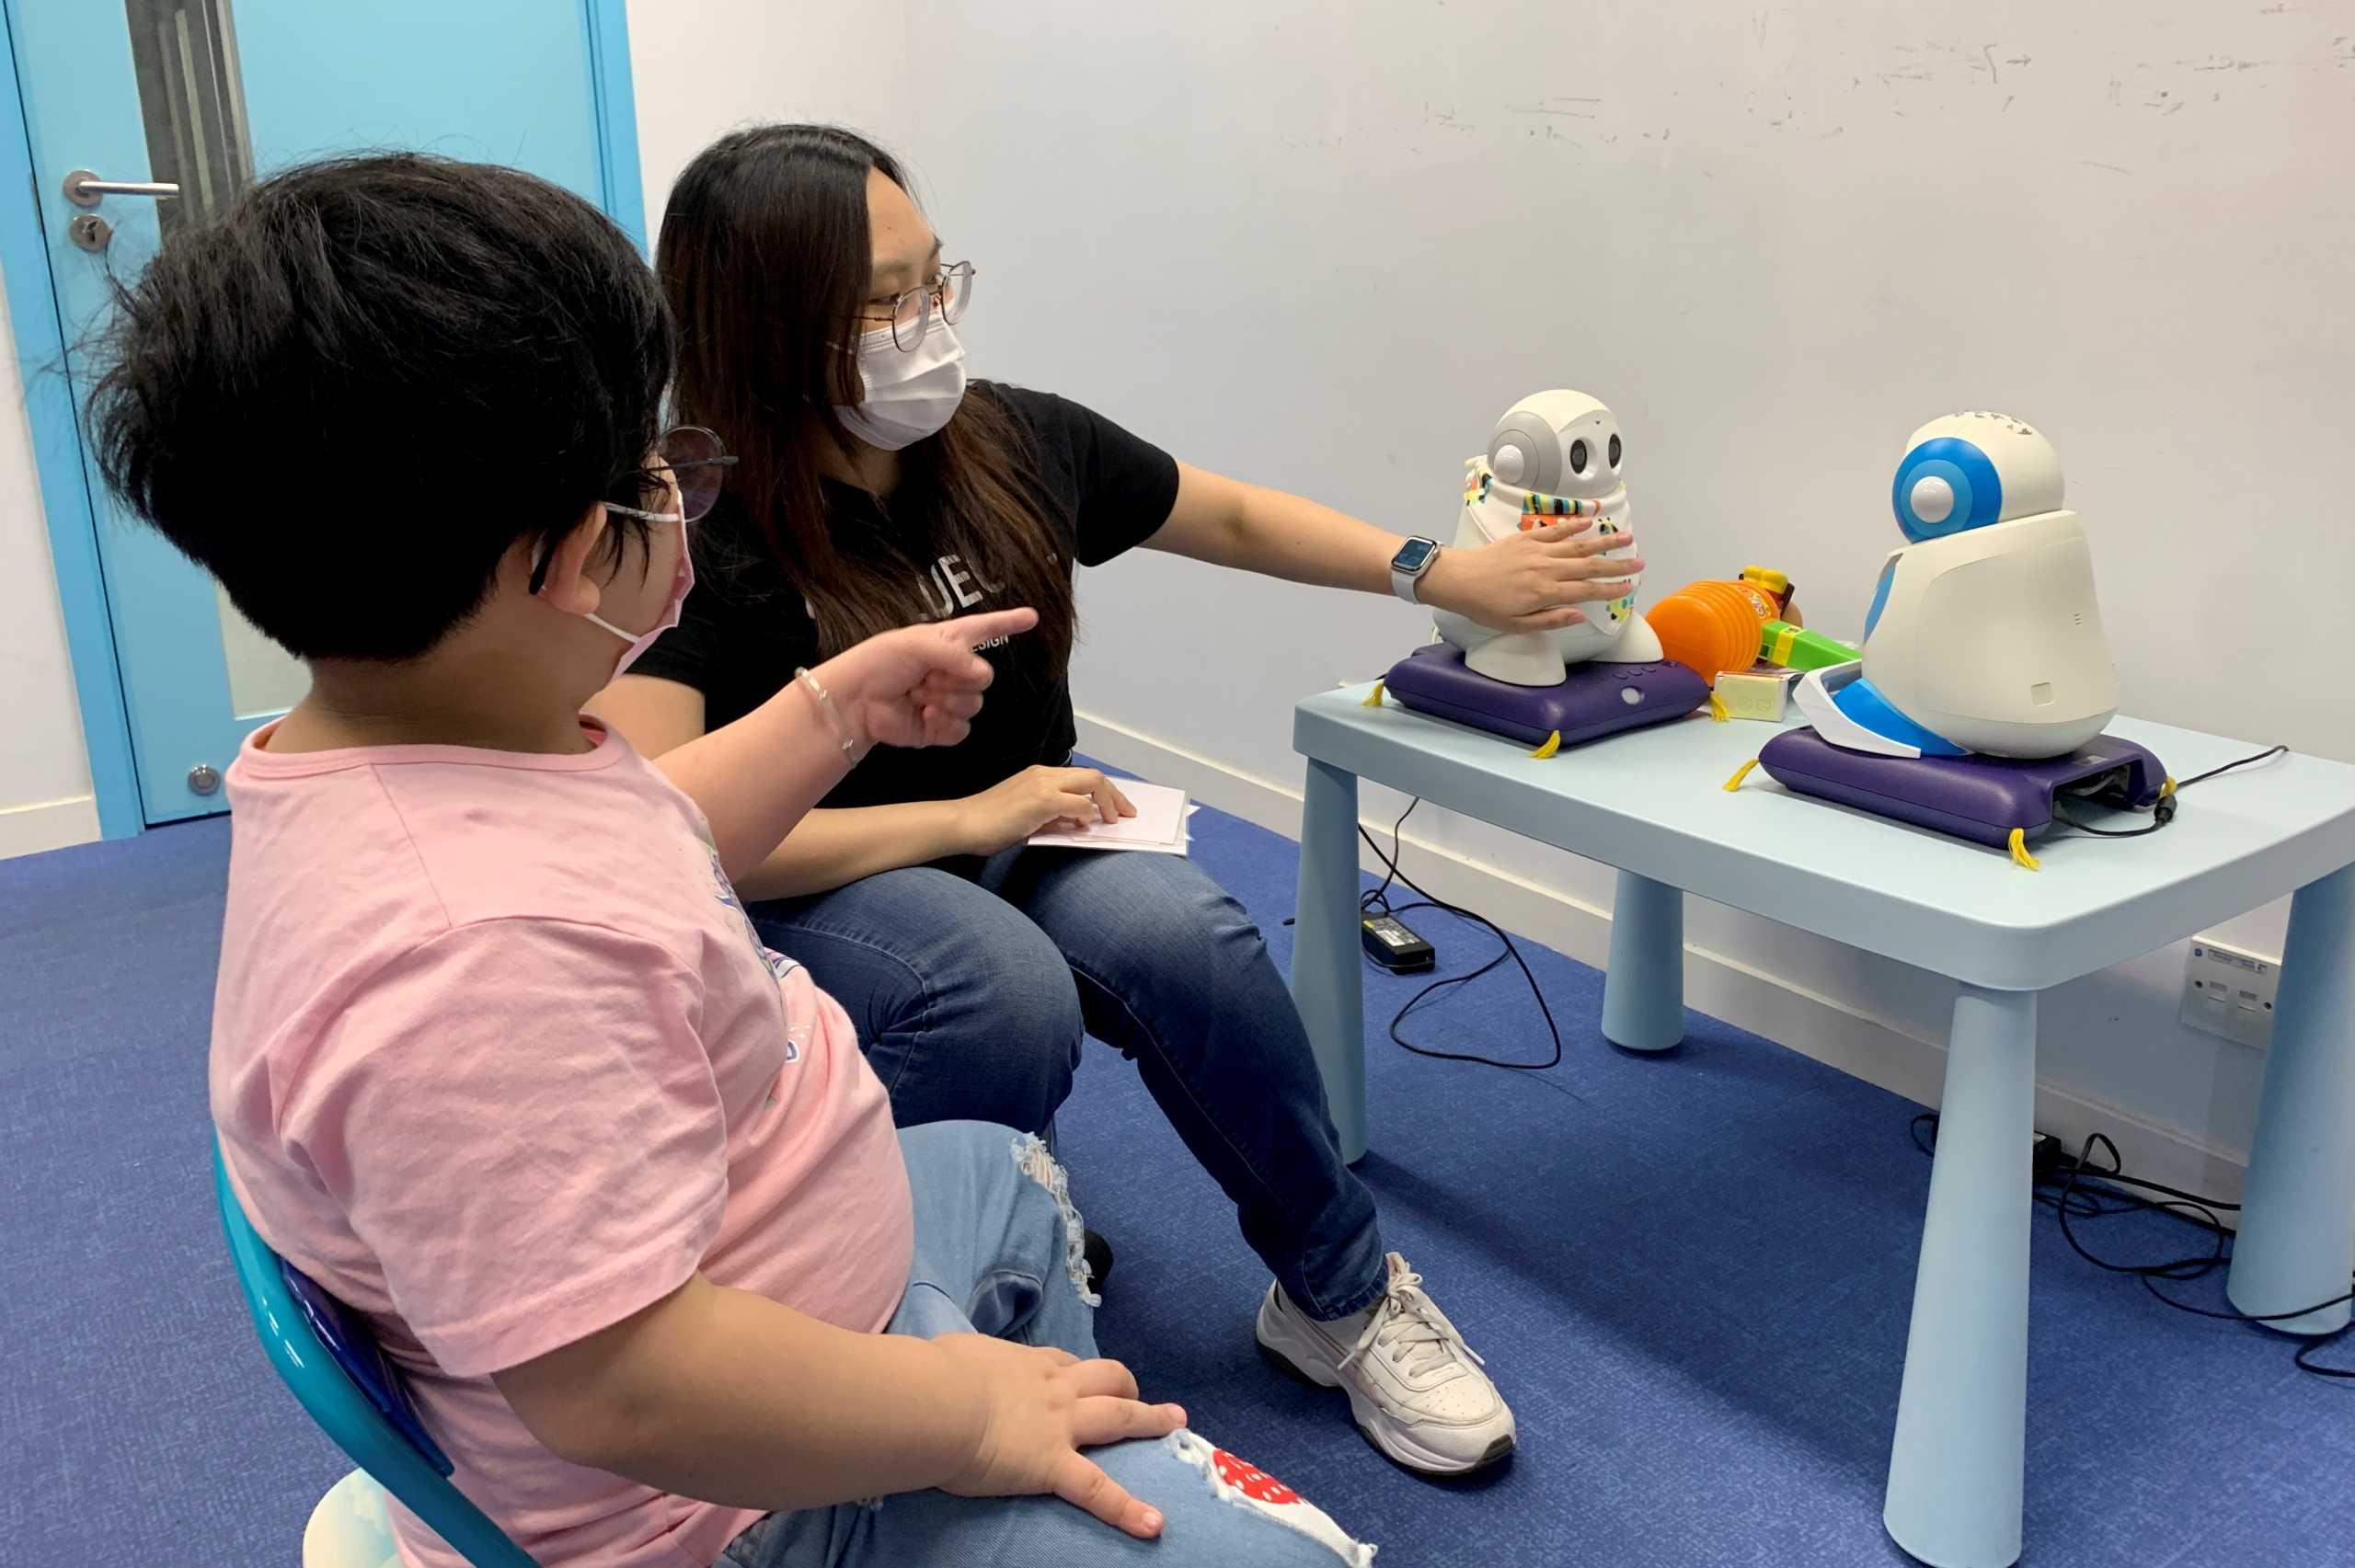 Στο Χονγκ Κονγκ χρησιμοποιούν ρομπότ για την κοινωνικοποίηση των παιδιών με αυτισμό